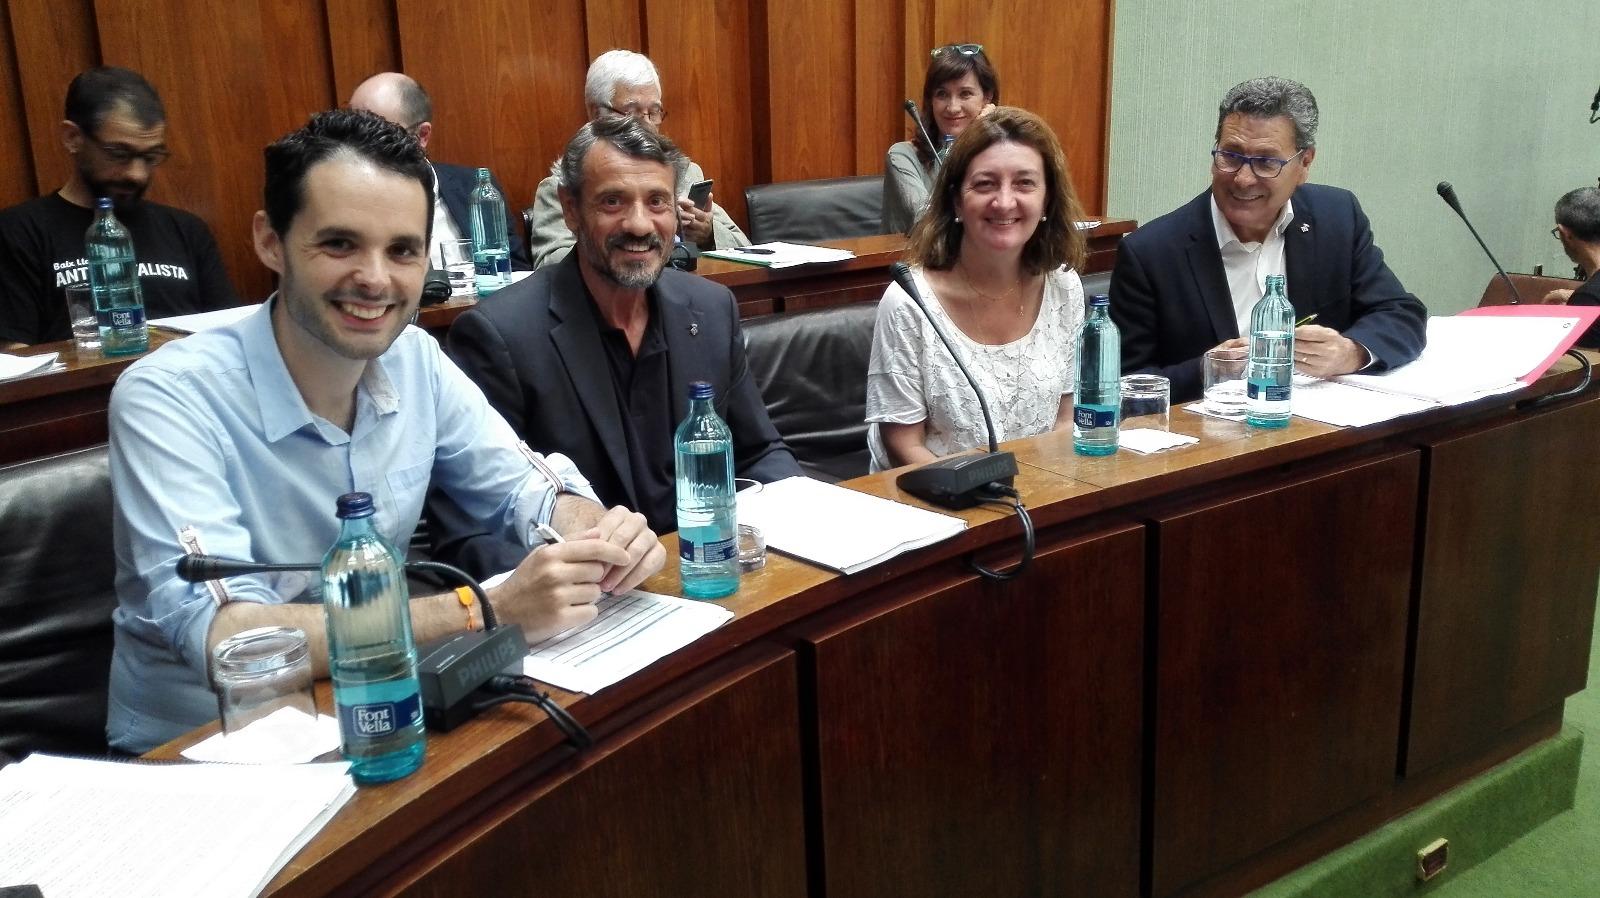 Los cuatro concejales de Cs l'Hospitalet preparados para iniciar el pleno municipal de julio